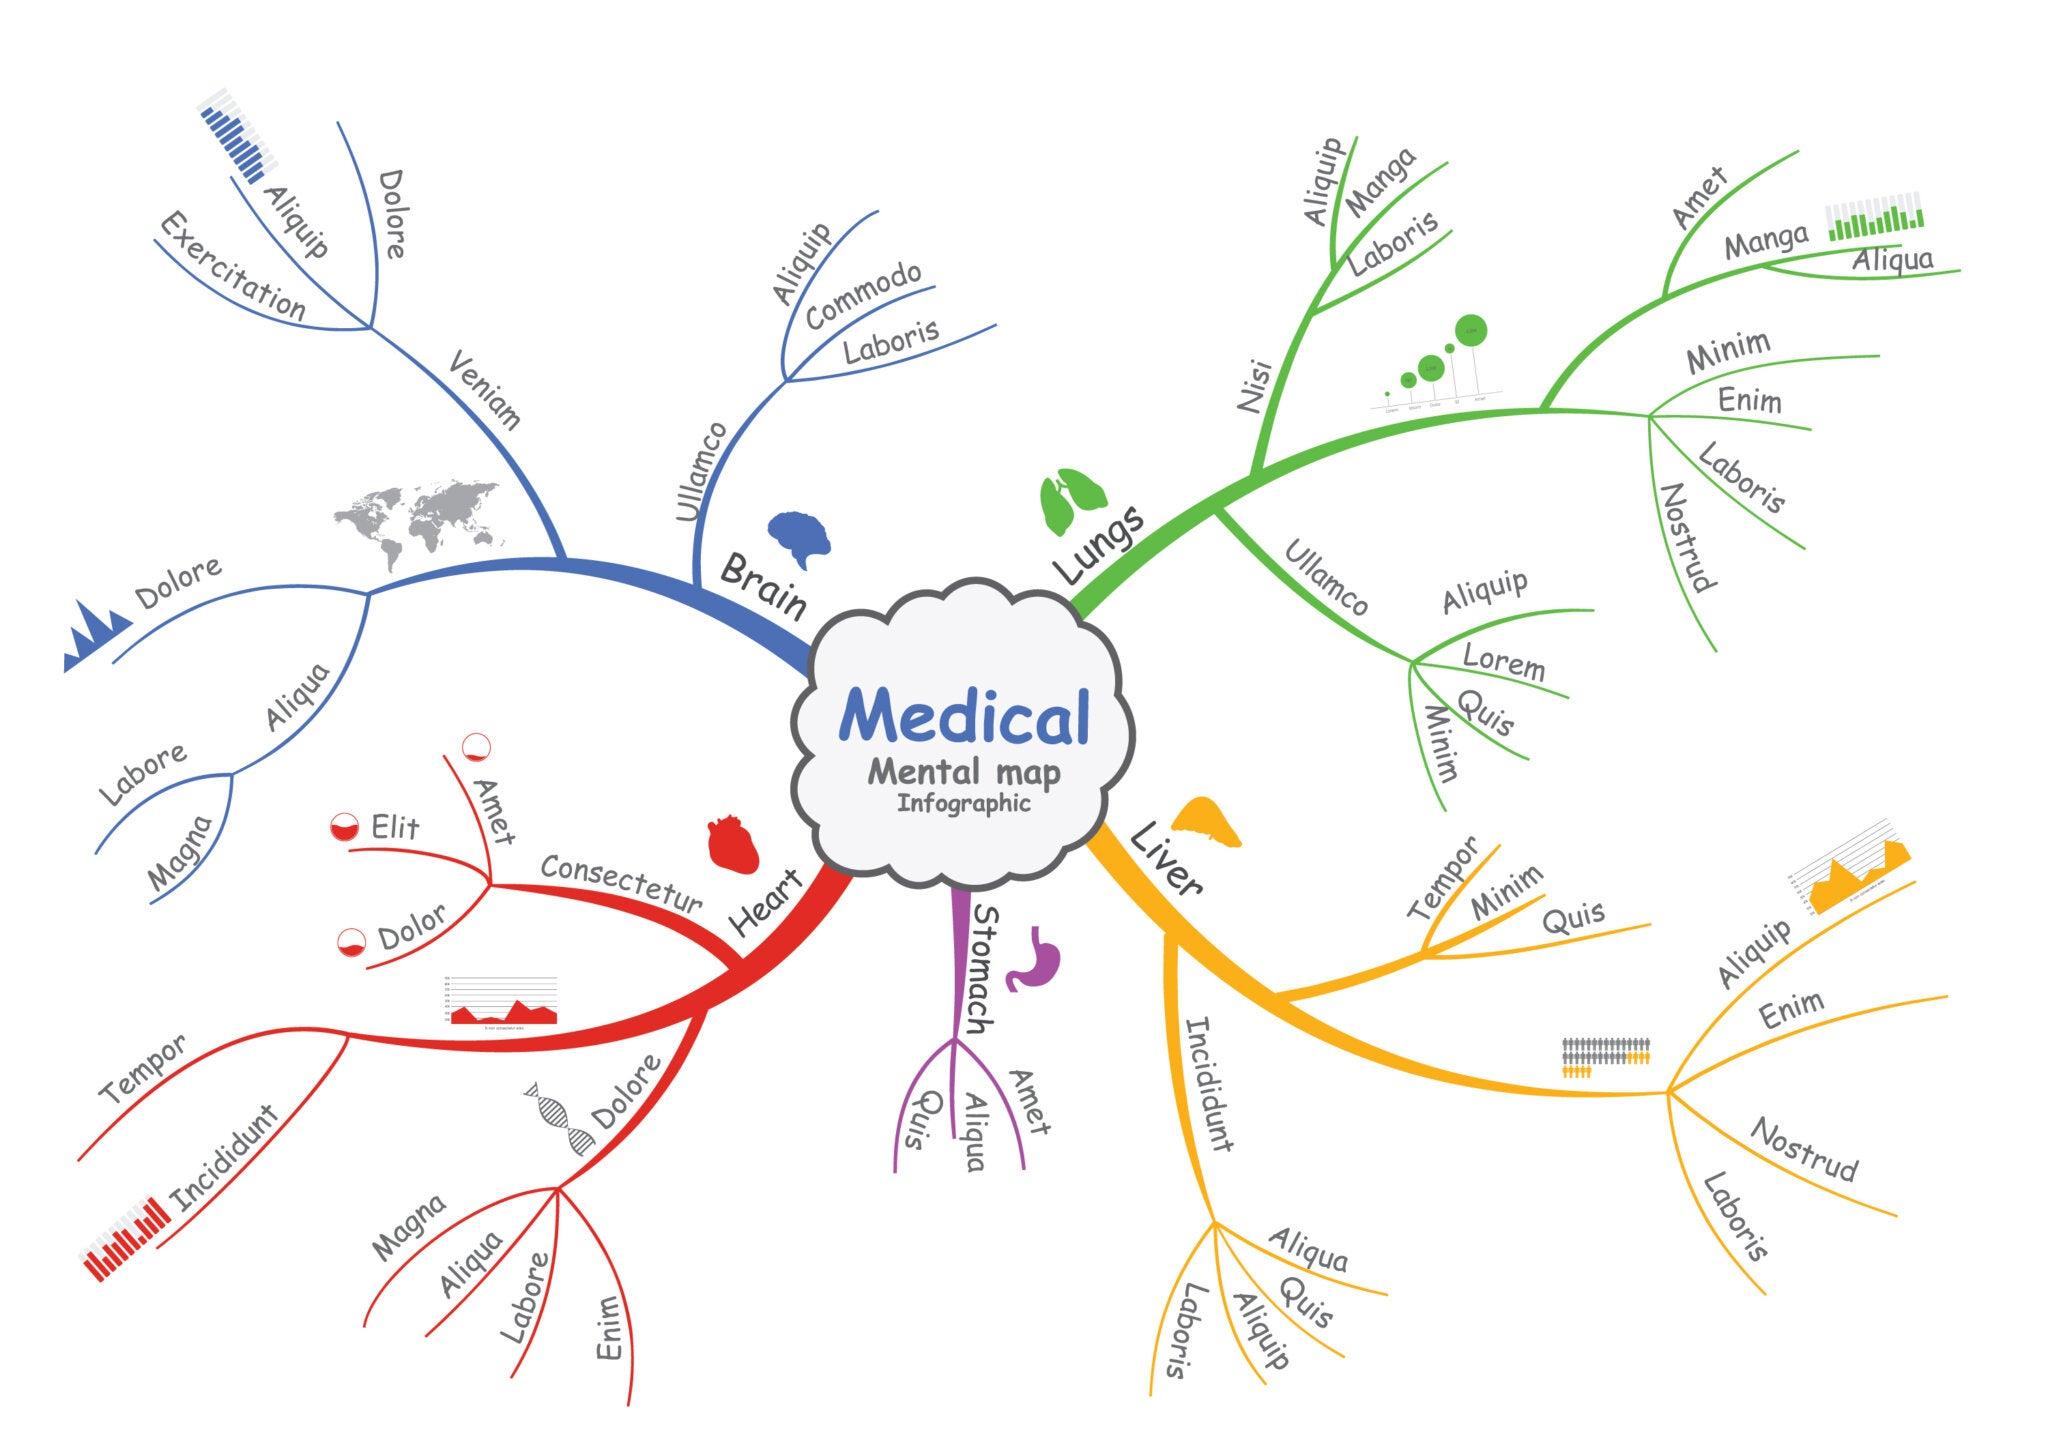 Mapa mental sobre medicina.